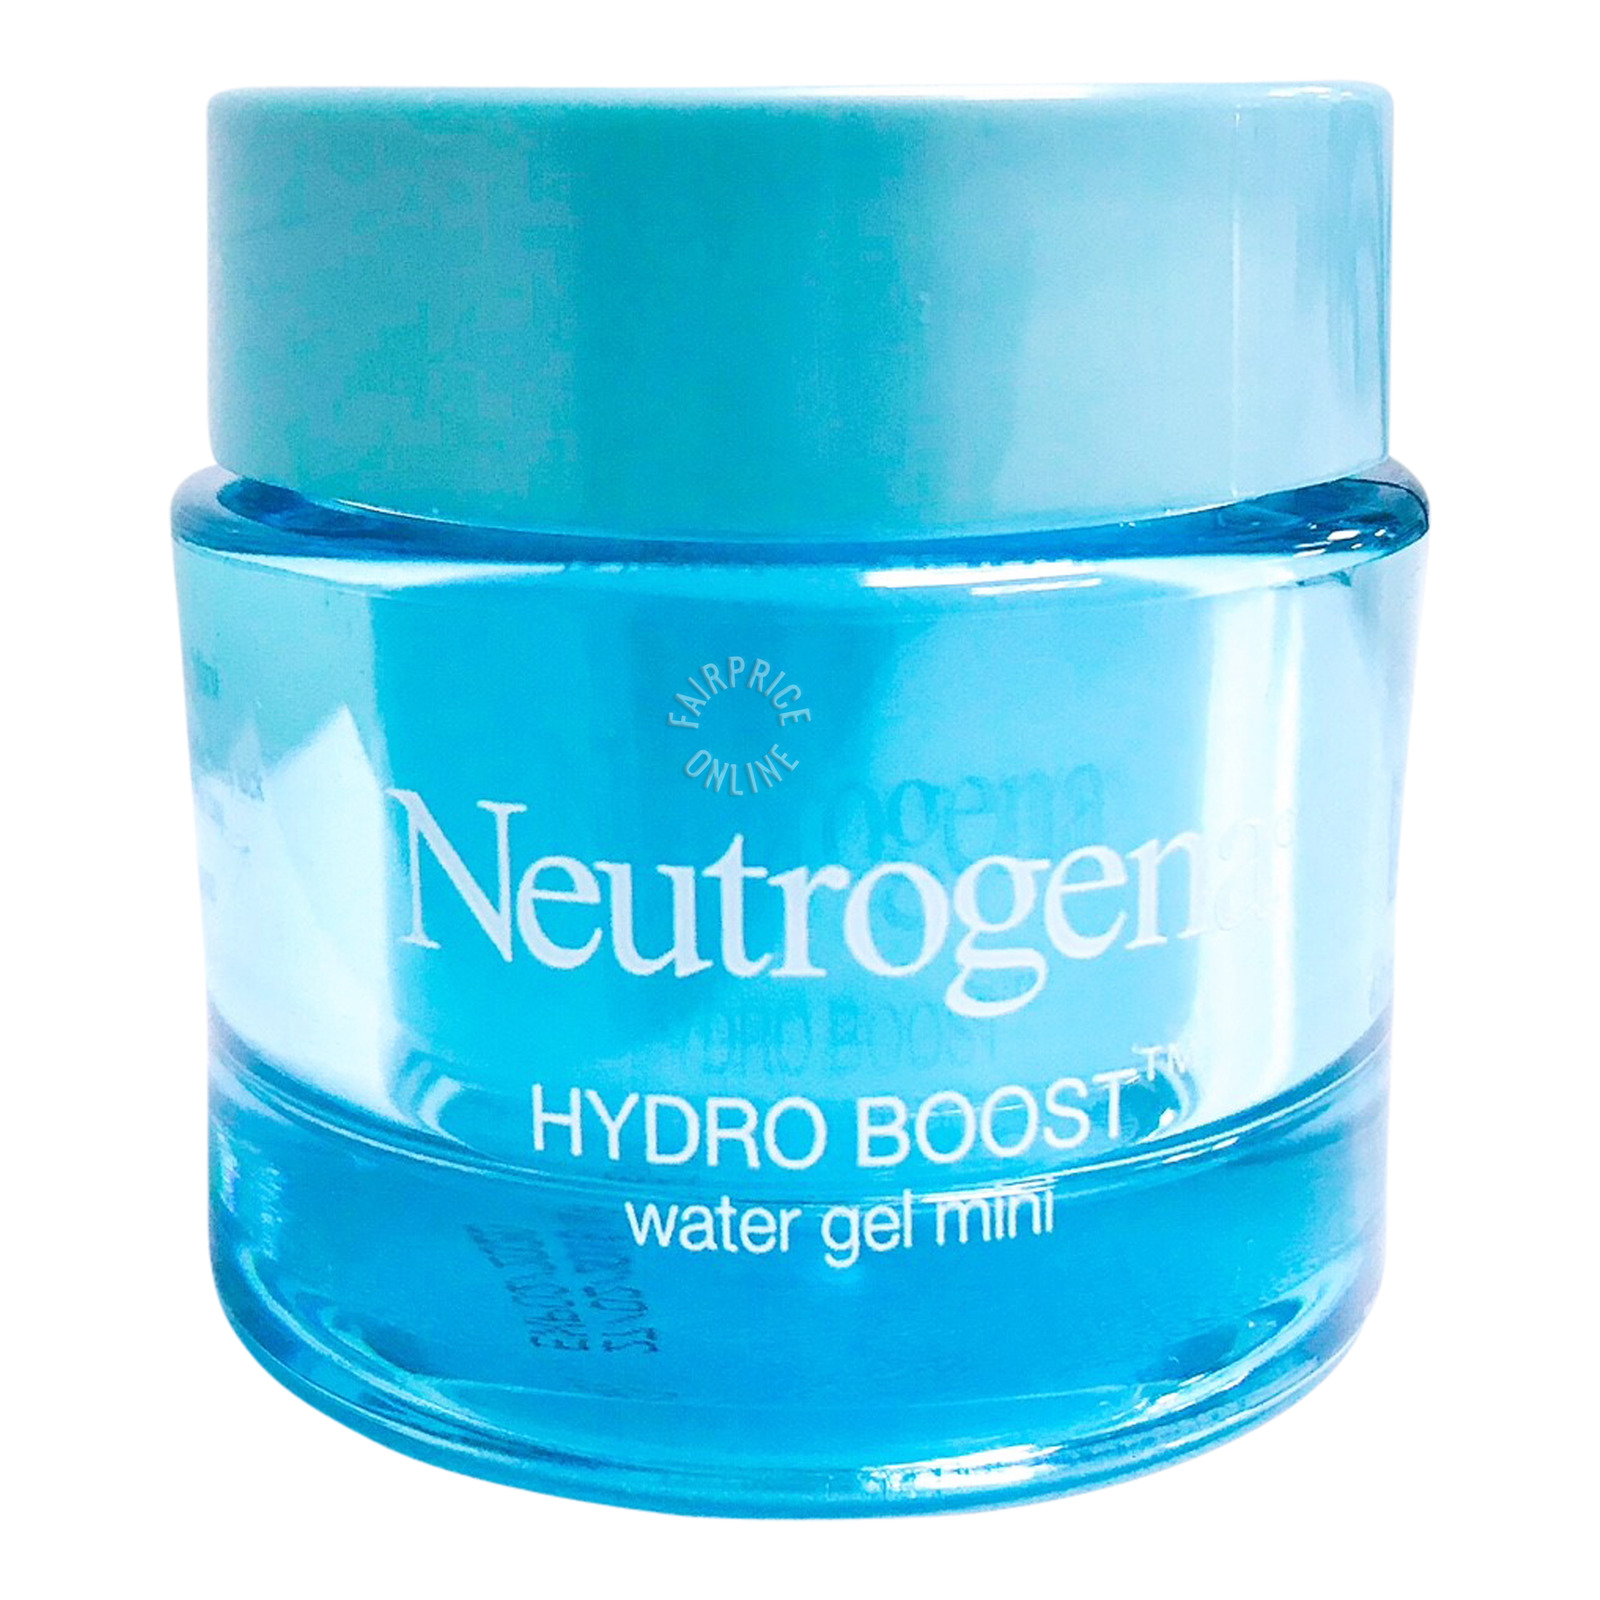 Neutrogena Mini Hydro Boost Water Gel